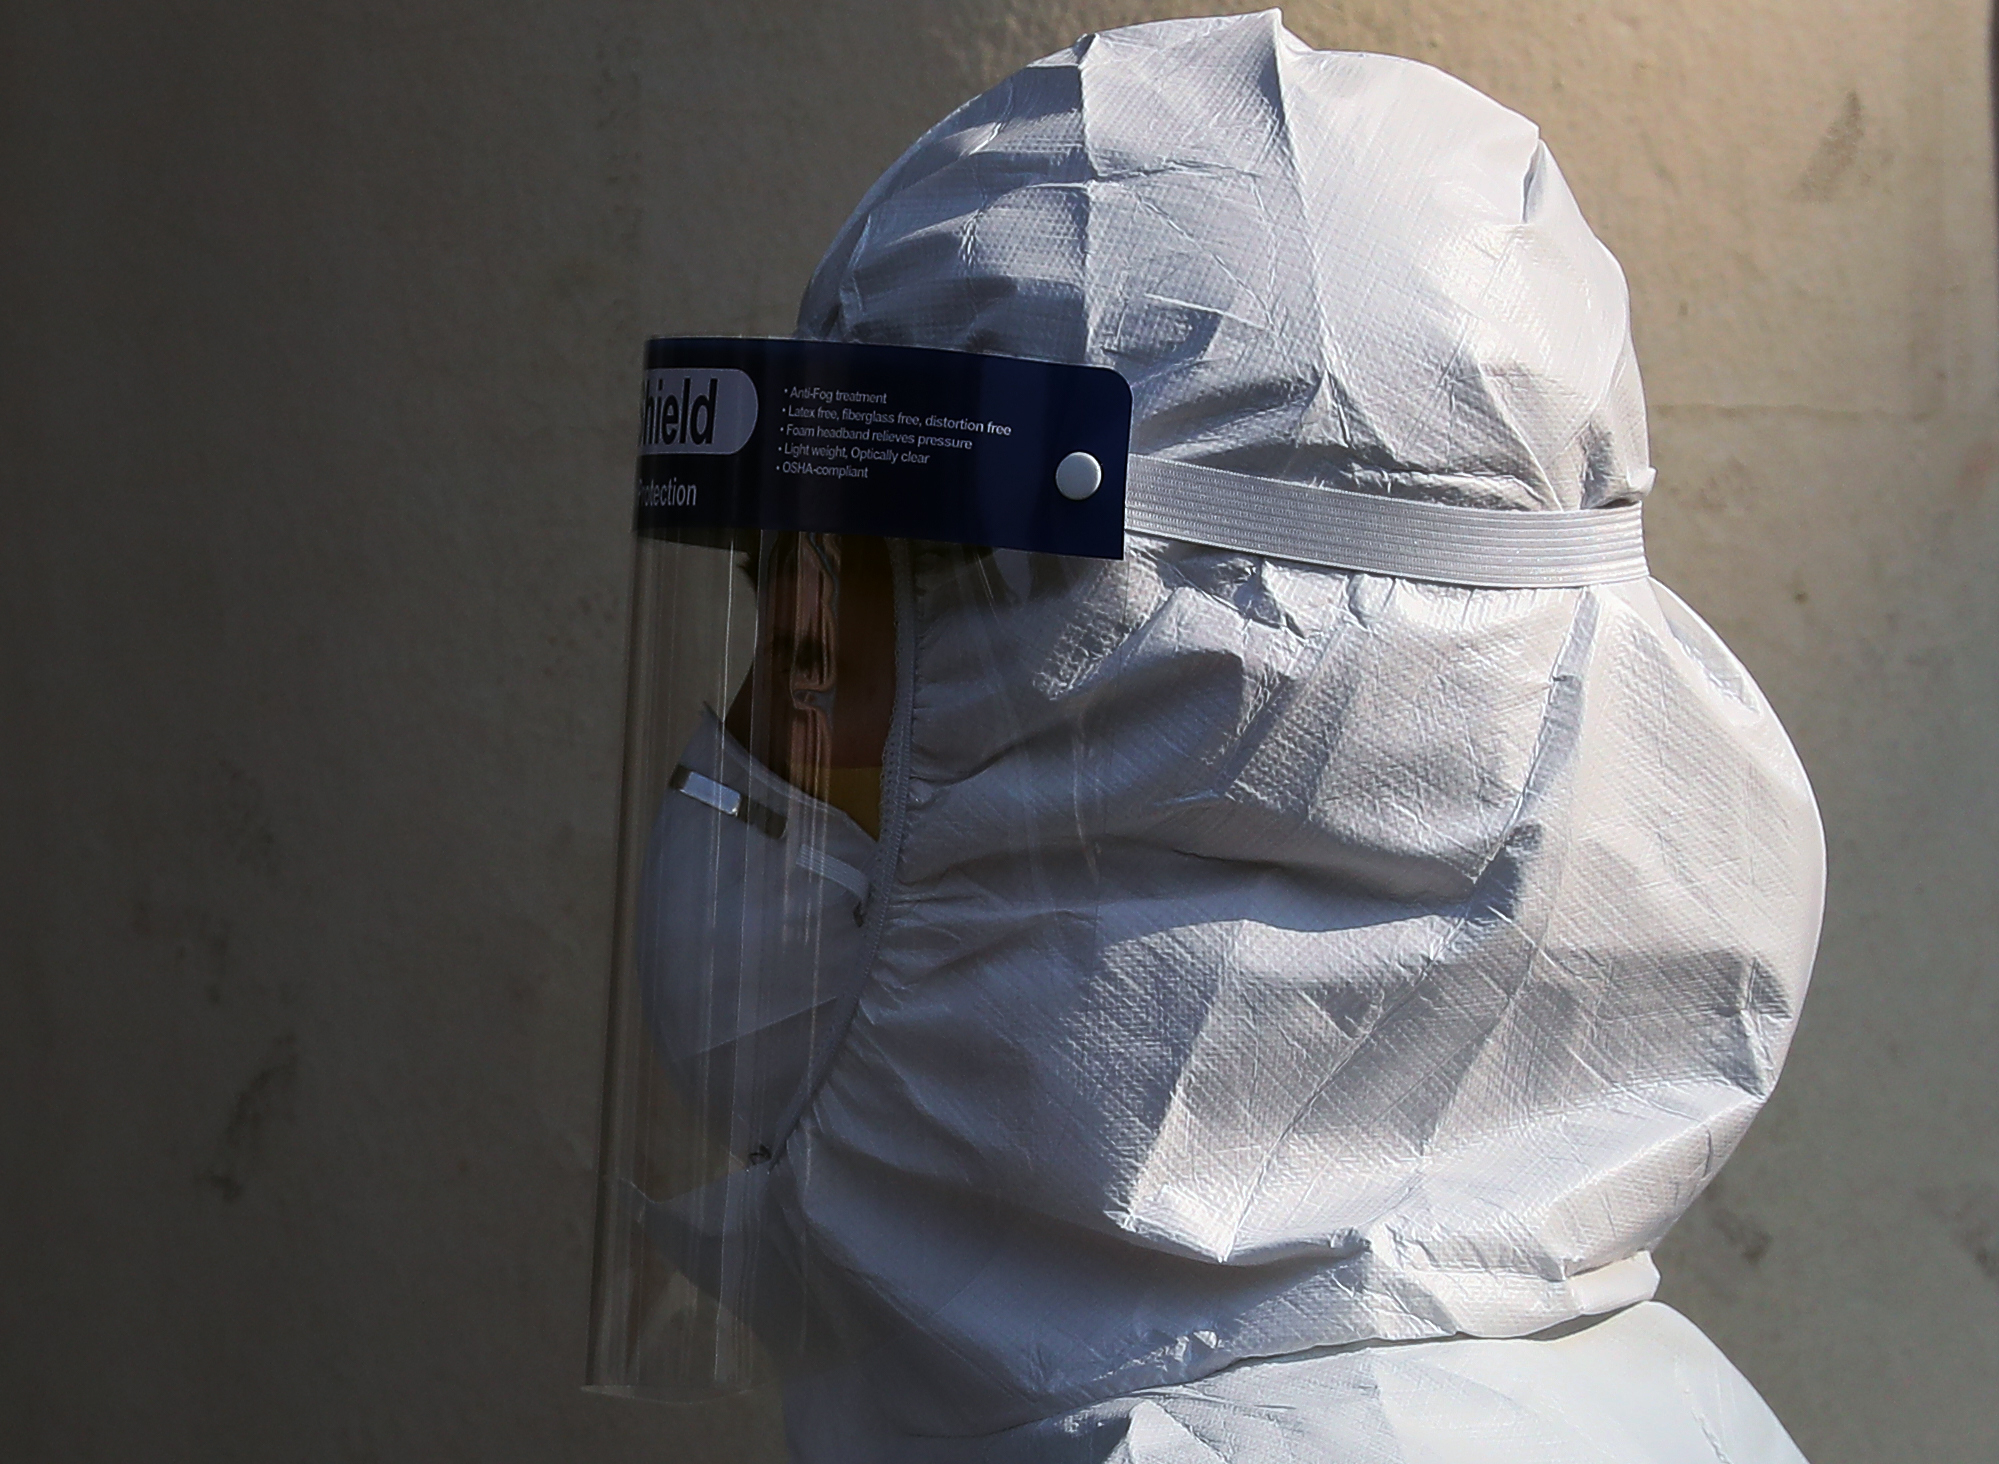 9일 오후 신종 코로나바이러스 감염증(코로나19) 지역거점병원인 대구 중구 계명대학교 대구동산병원에서 보호구를 착용한 의료진이 병동으로 향하고 있다. 연합뉴스